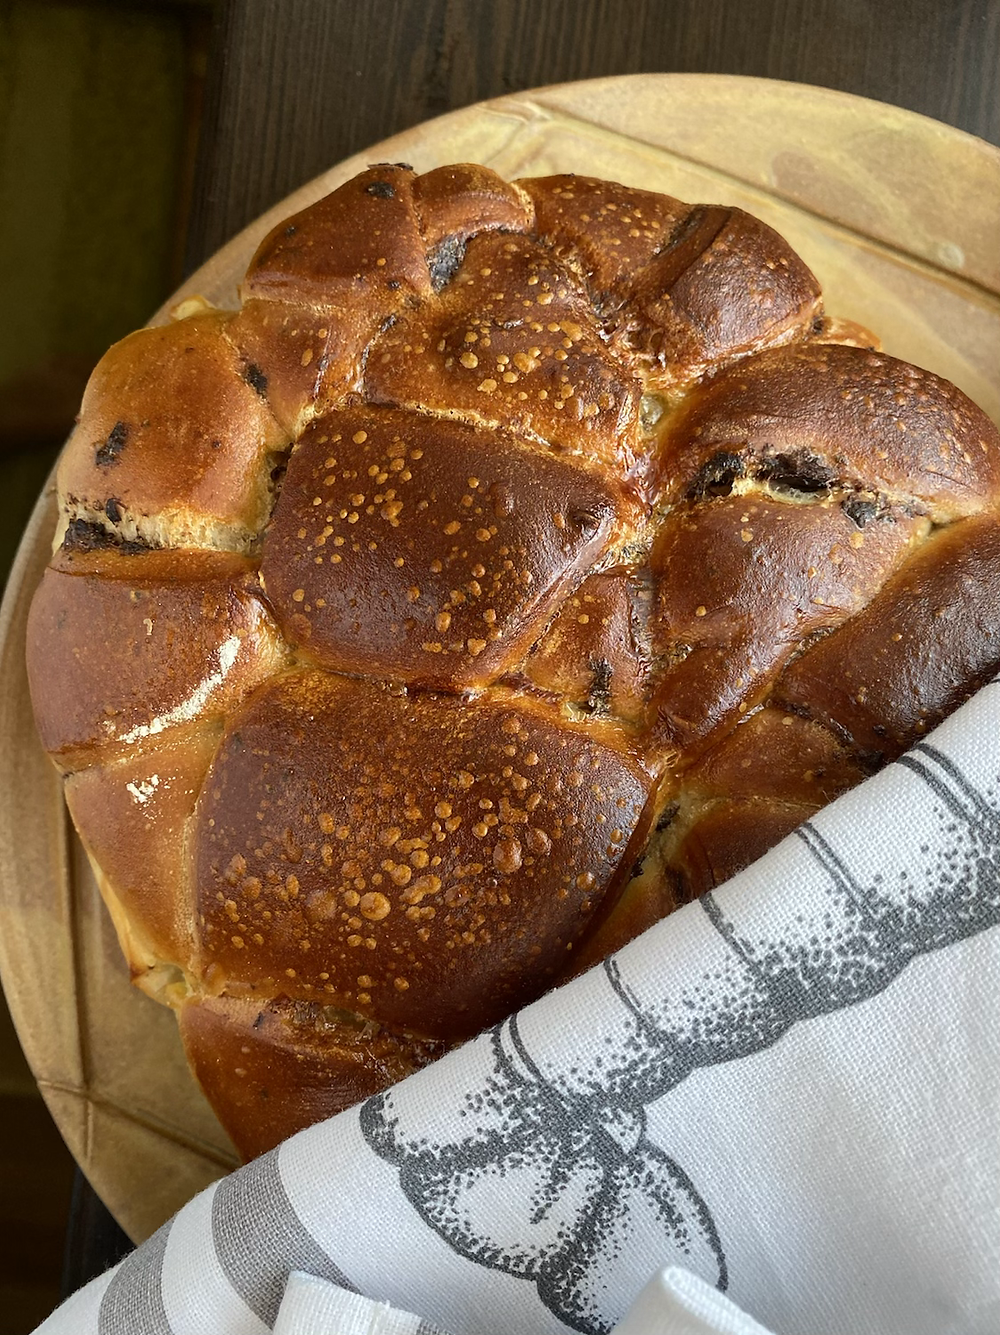 sourdought bread with mozzarella filling